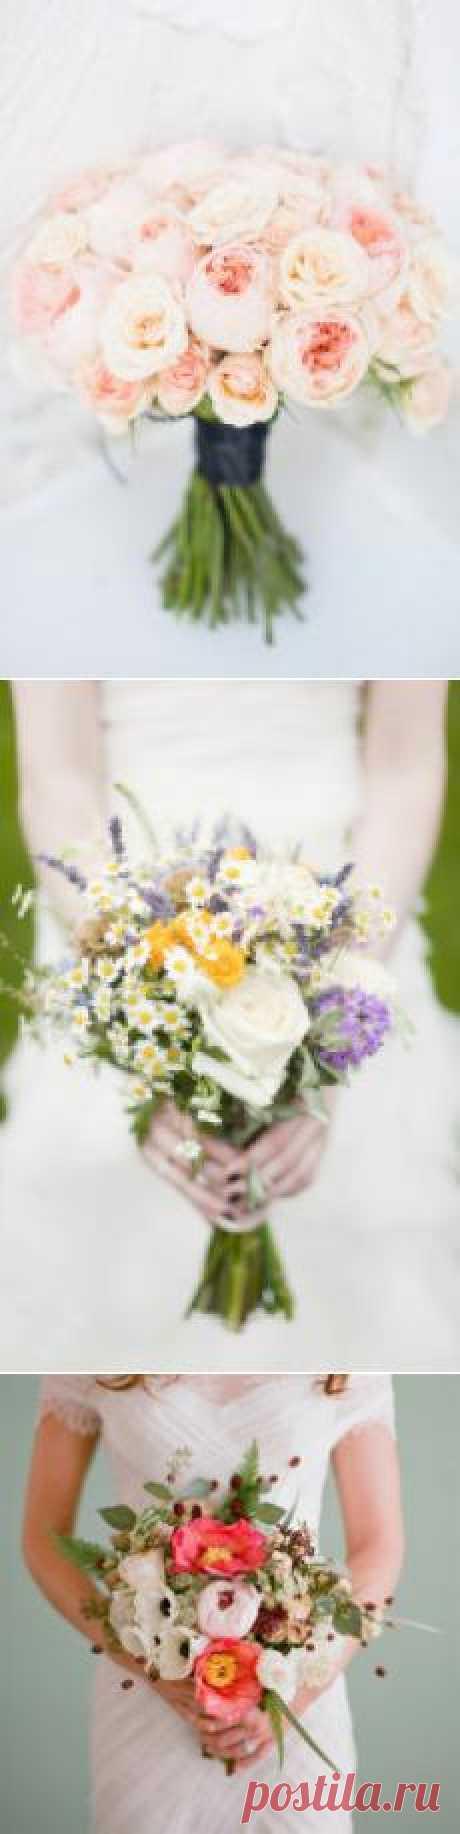 Las preguntas y las respuestas: ¿cómo escoger el ramo de la novia? - WeddyWood